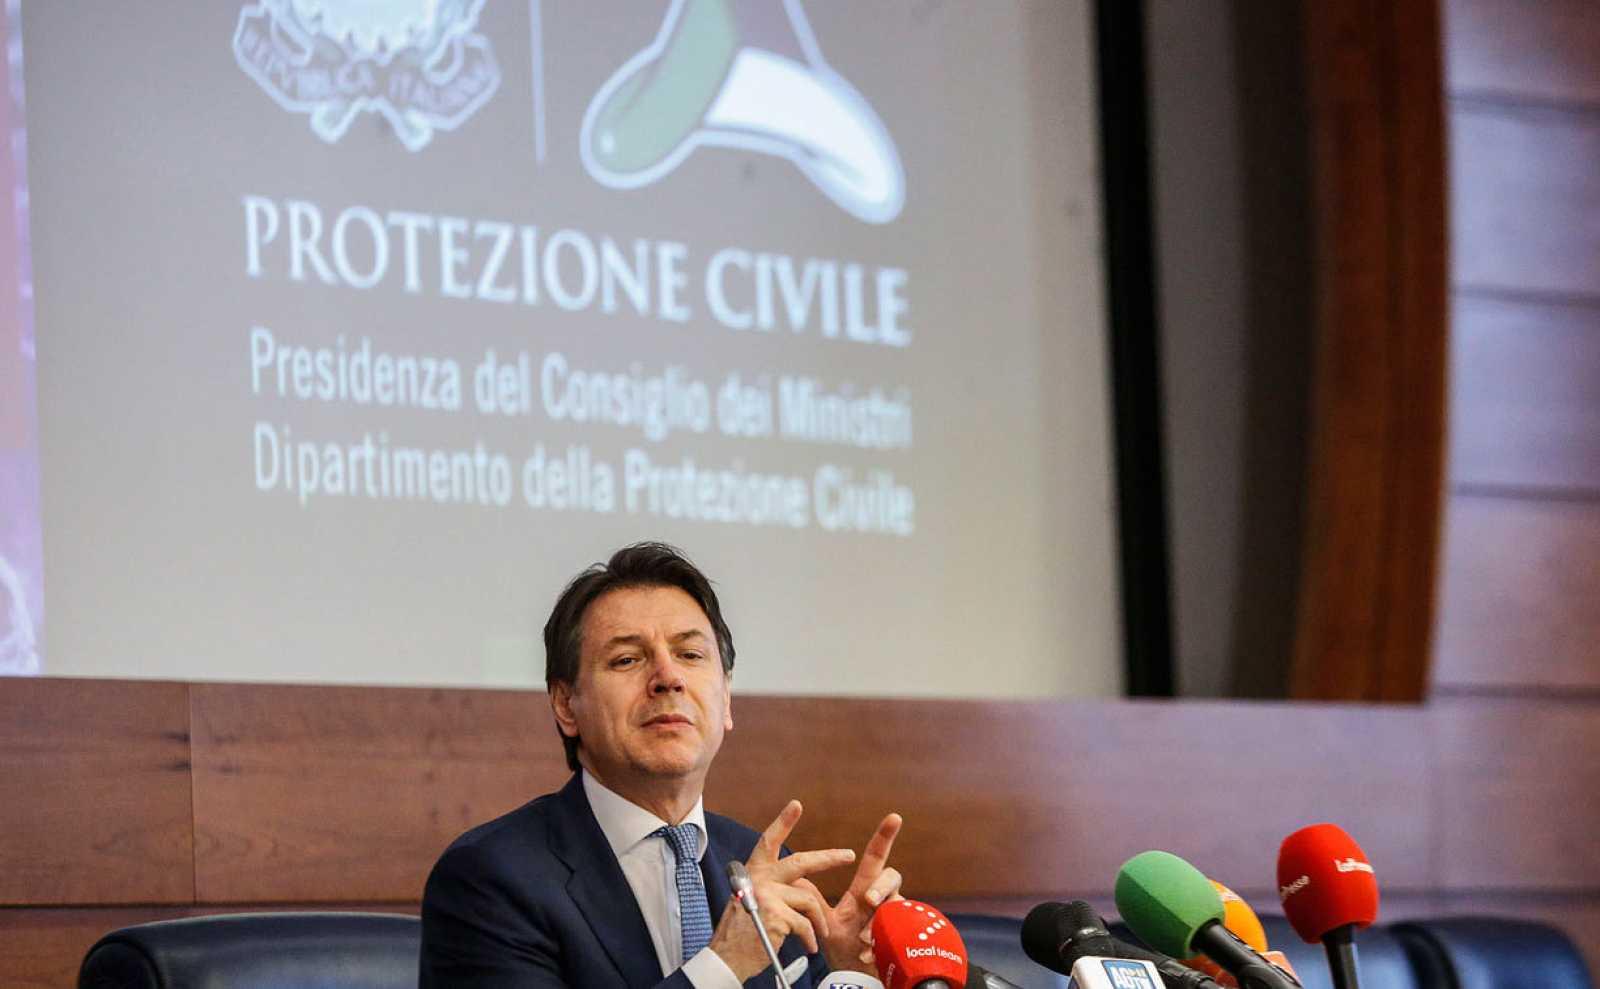 El primer ministro italiano, Giuseppe Conte, responde a las preguntas de los periodistas después de una reunión entre el Gobierno y las Regiones sobre la emergencia del coronavirus en la sede del Departamento de Protección Civil, en Roma